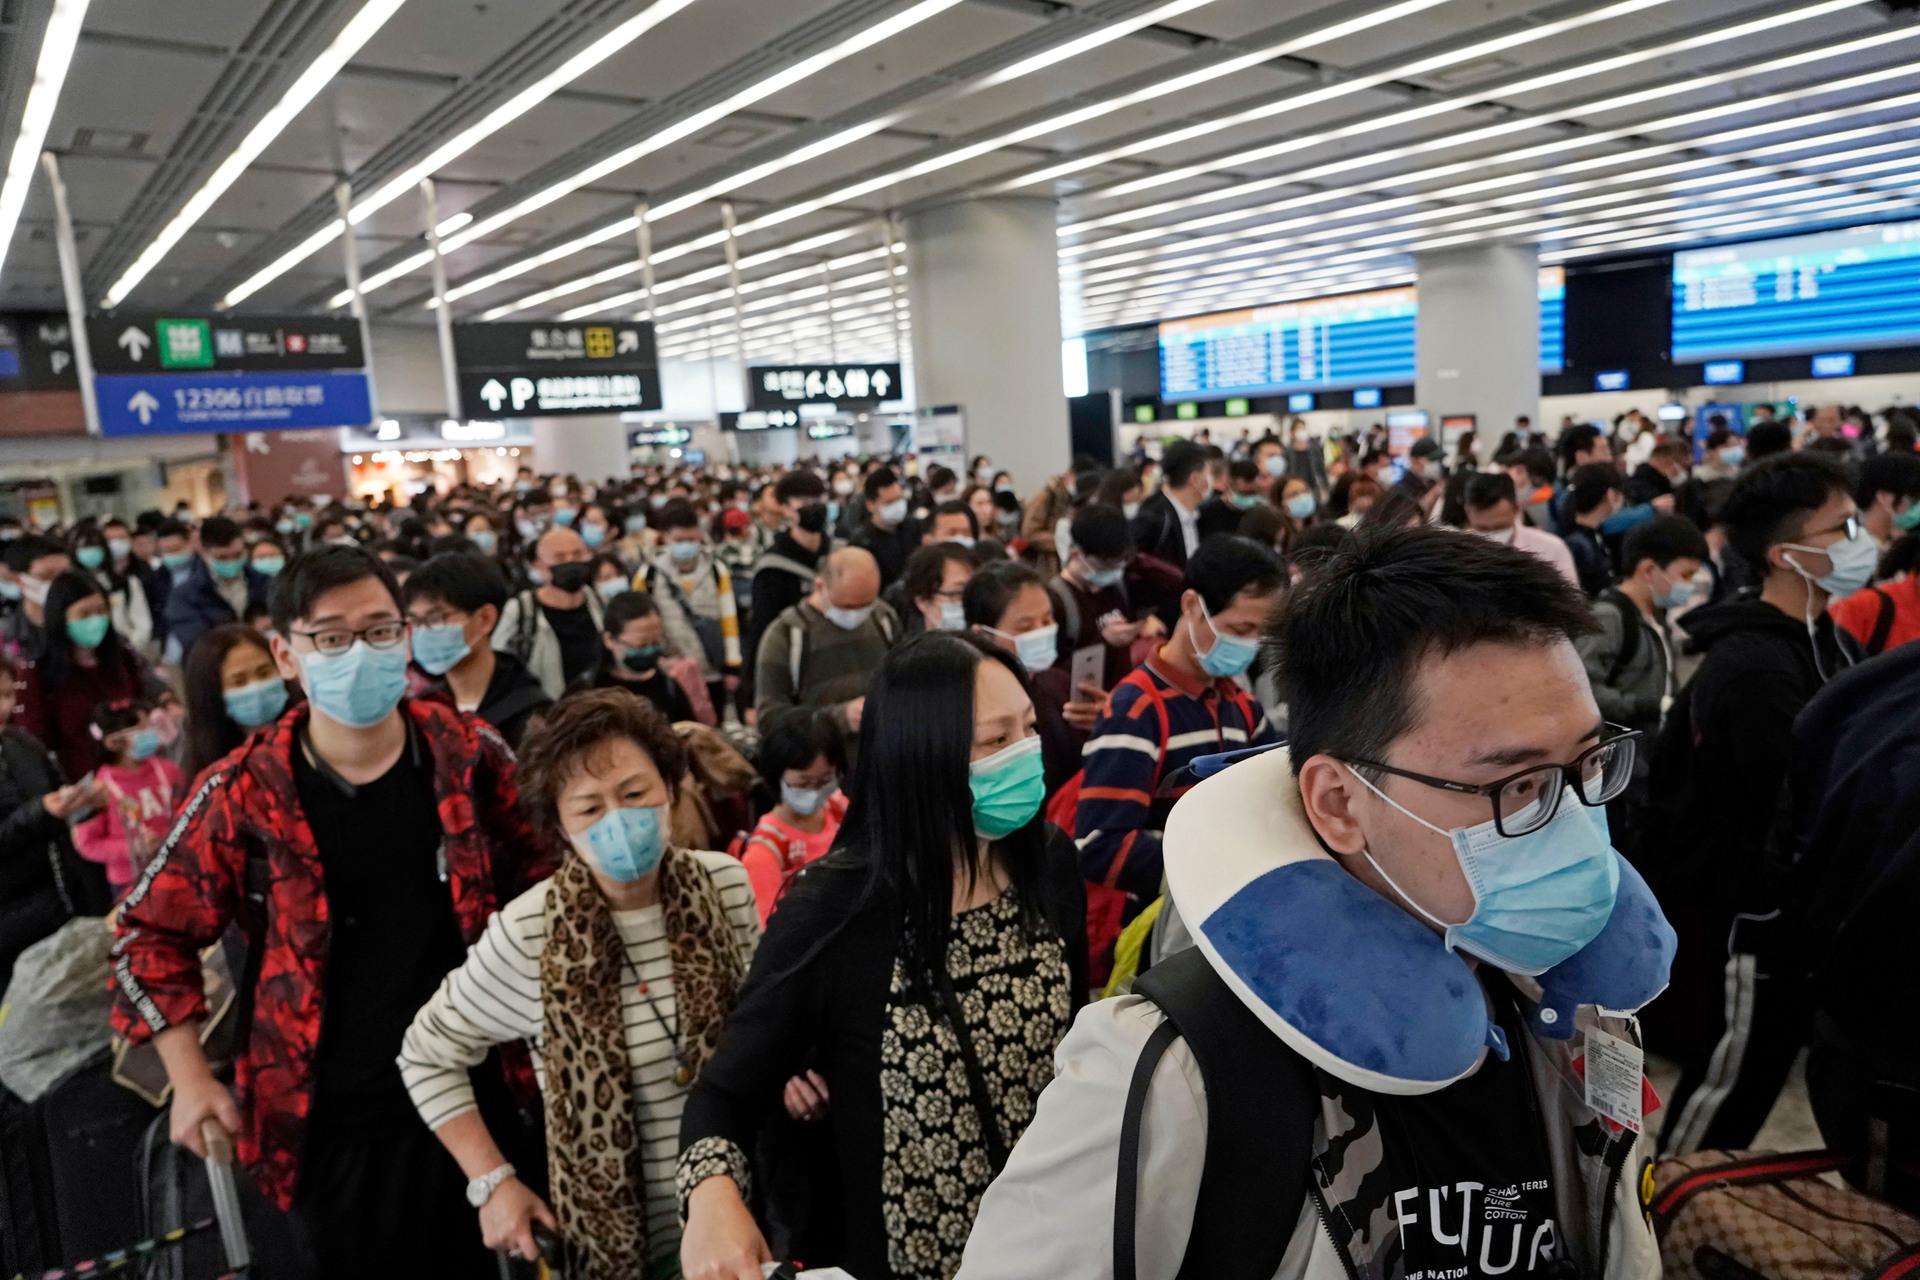 Chilling coronavirus warning as eight cities locked down